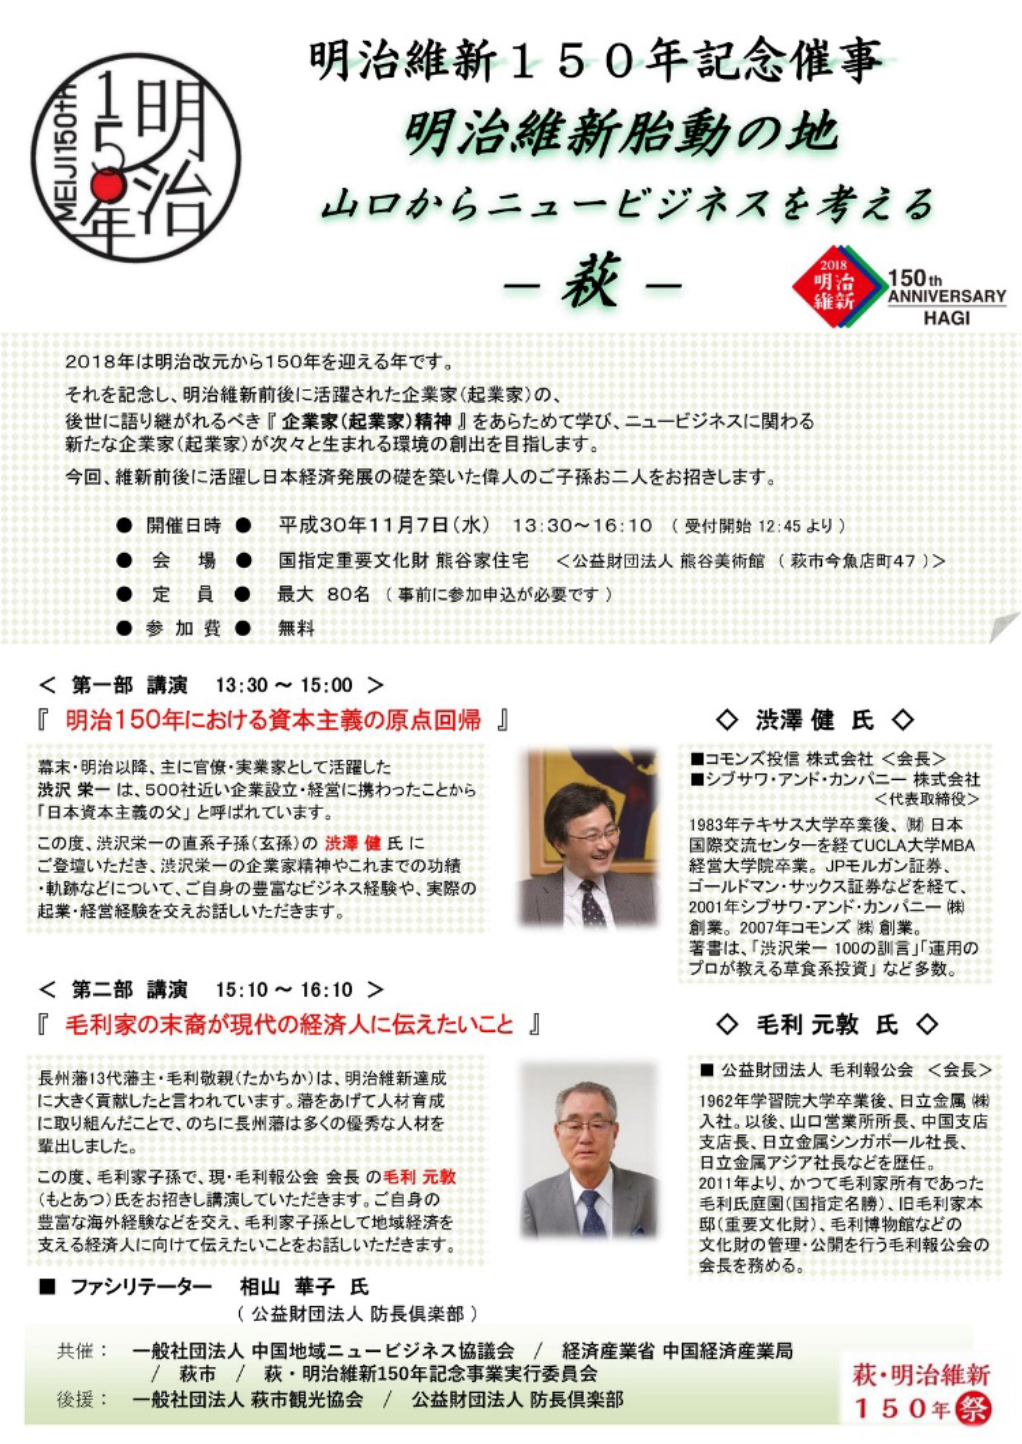 コモンズ投信会長 渋澤健さん講演会 ファシリテーション